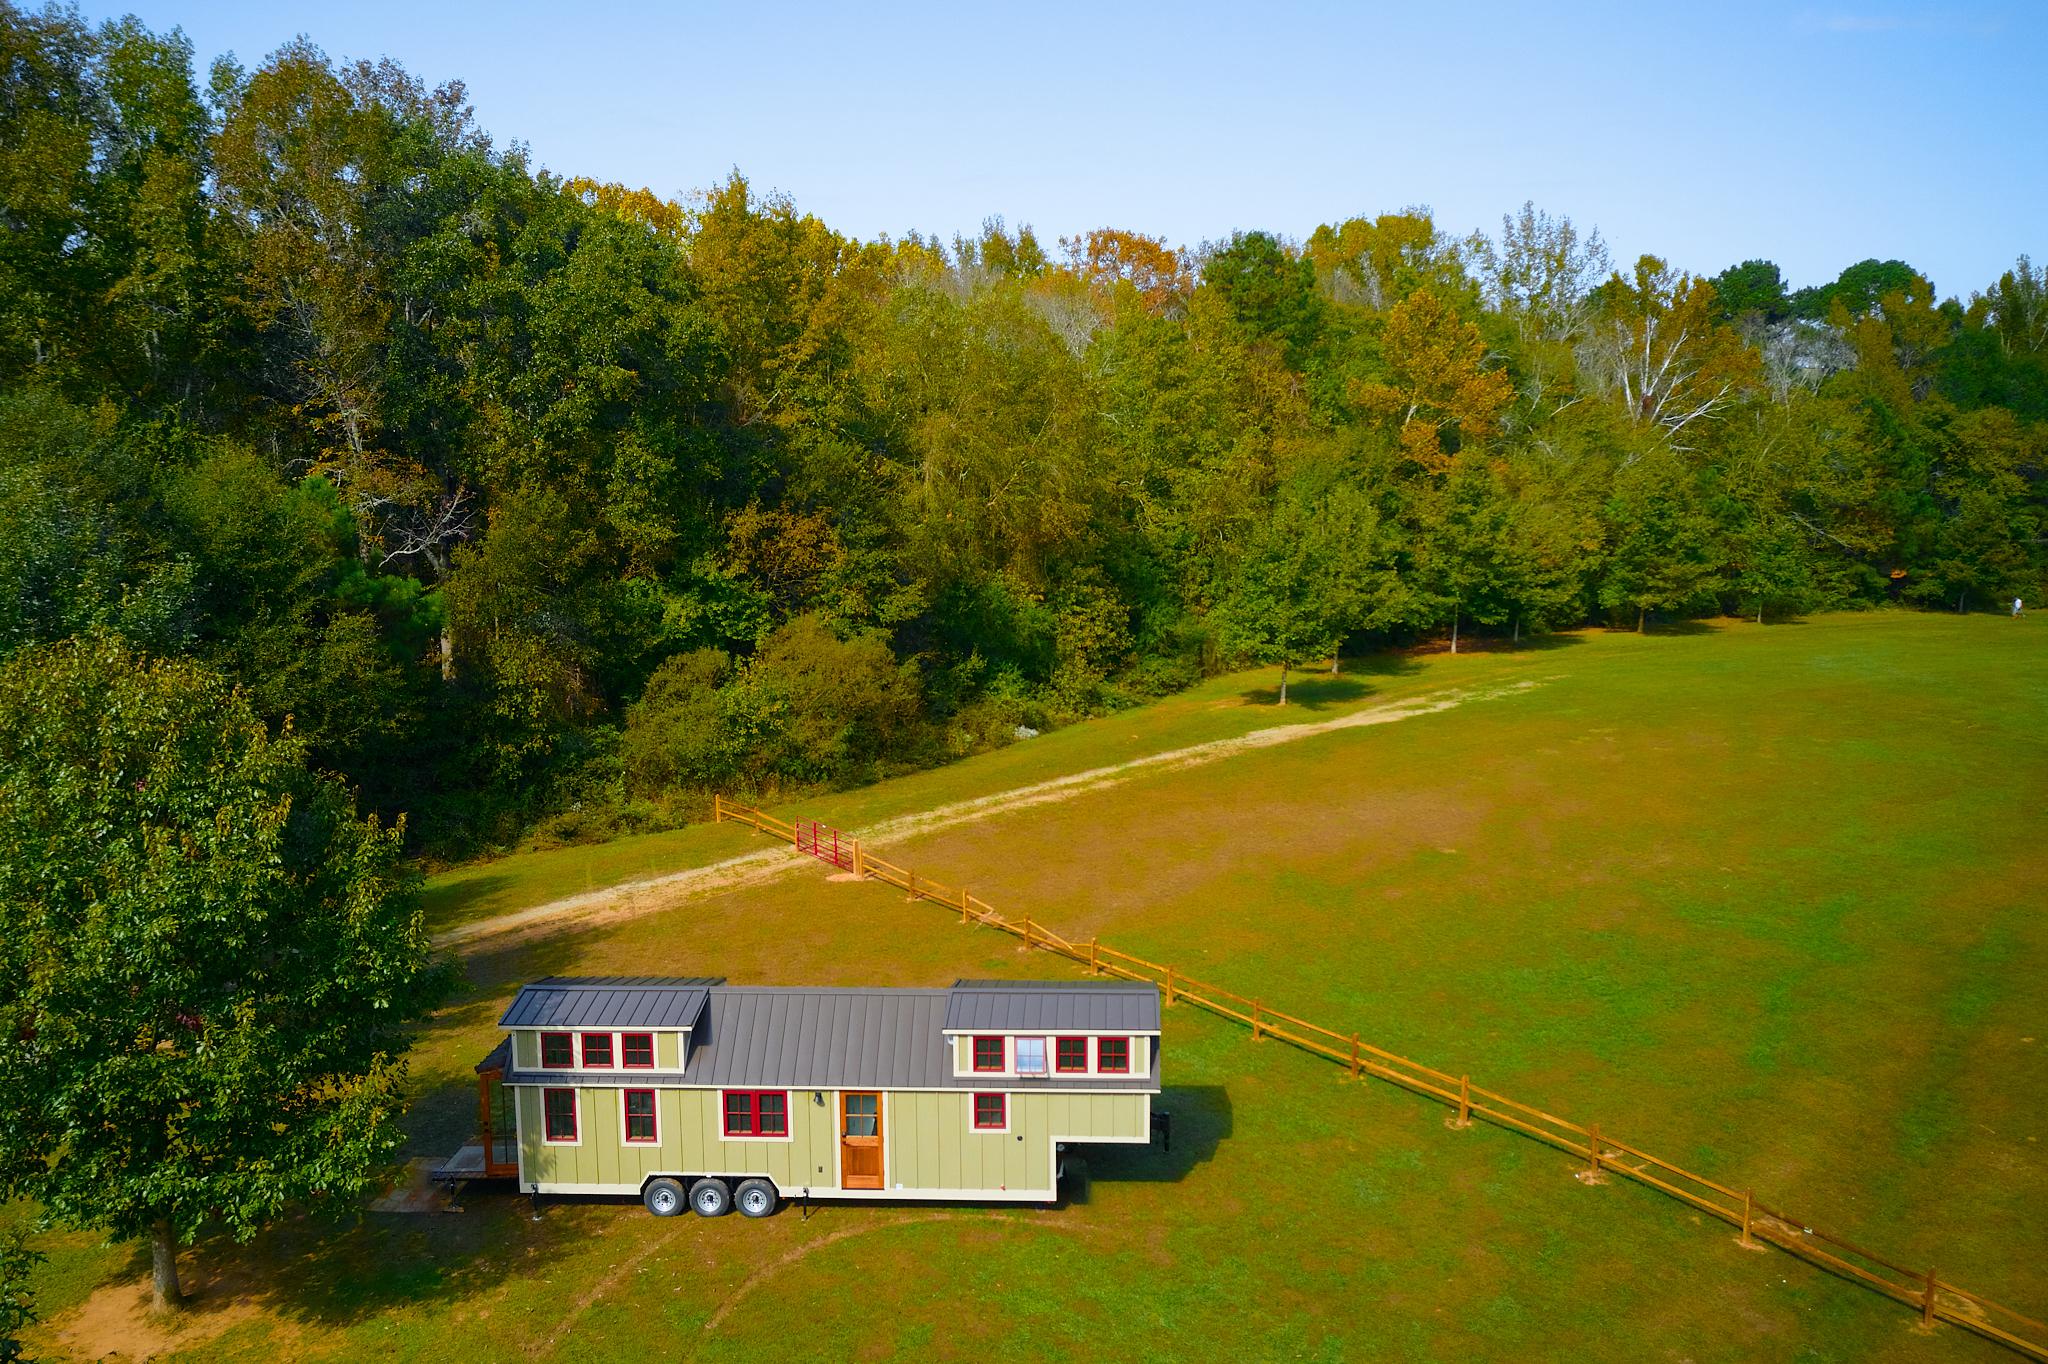 Tiny house drone shot